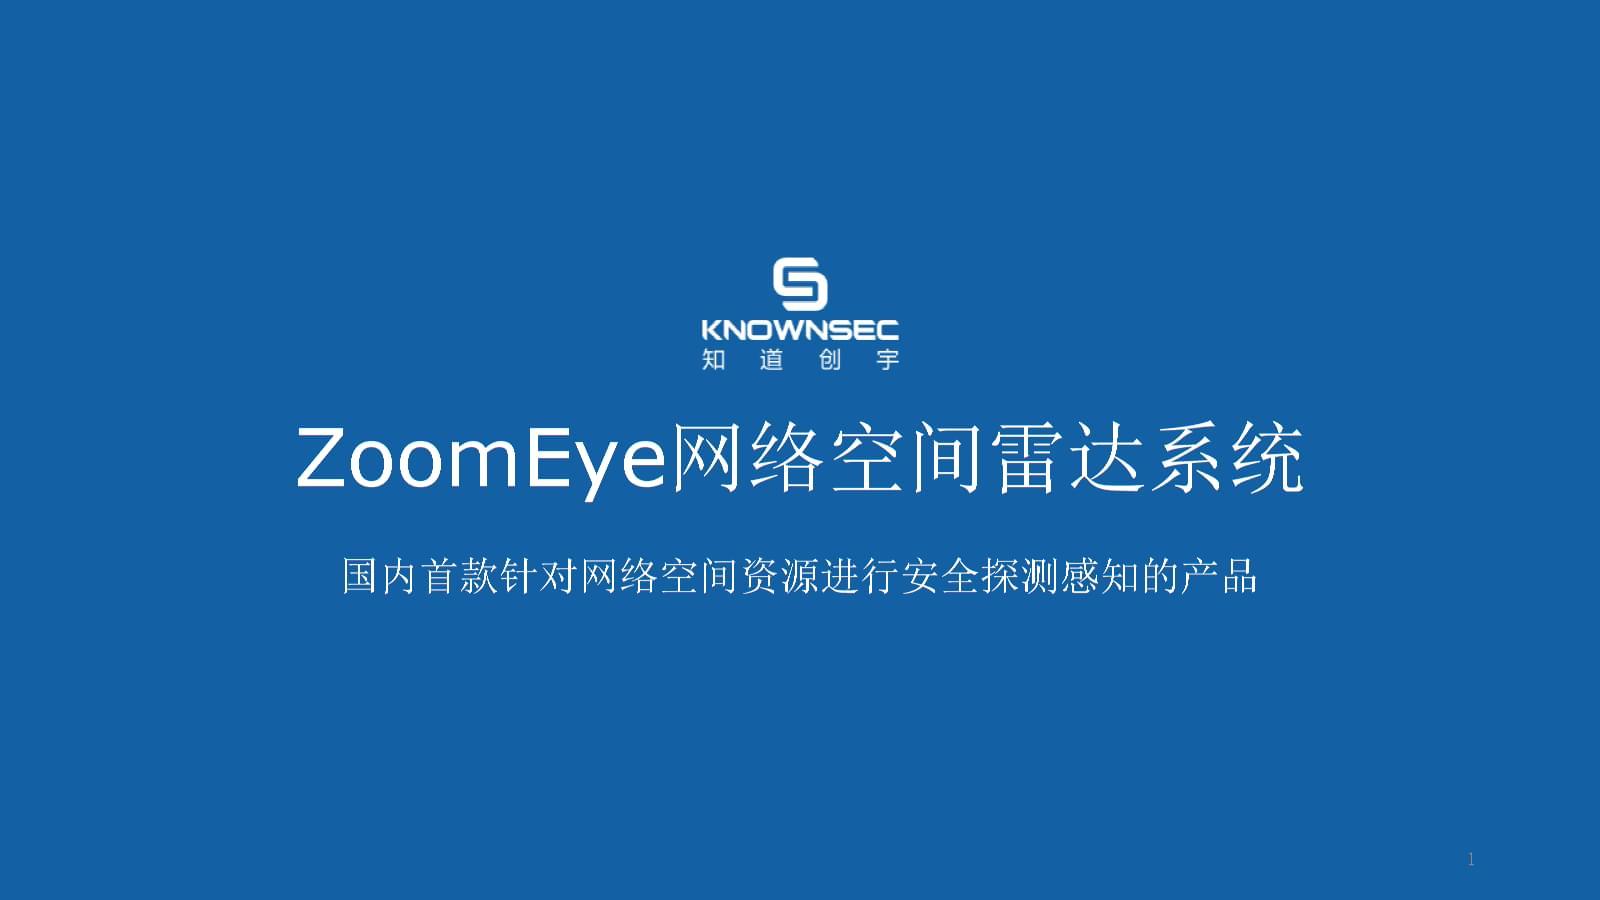 ZoomEye网络空间雷达之风险感知系统产品整体介绍V1.0.ppt